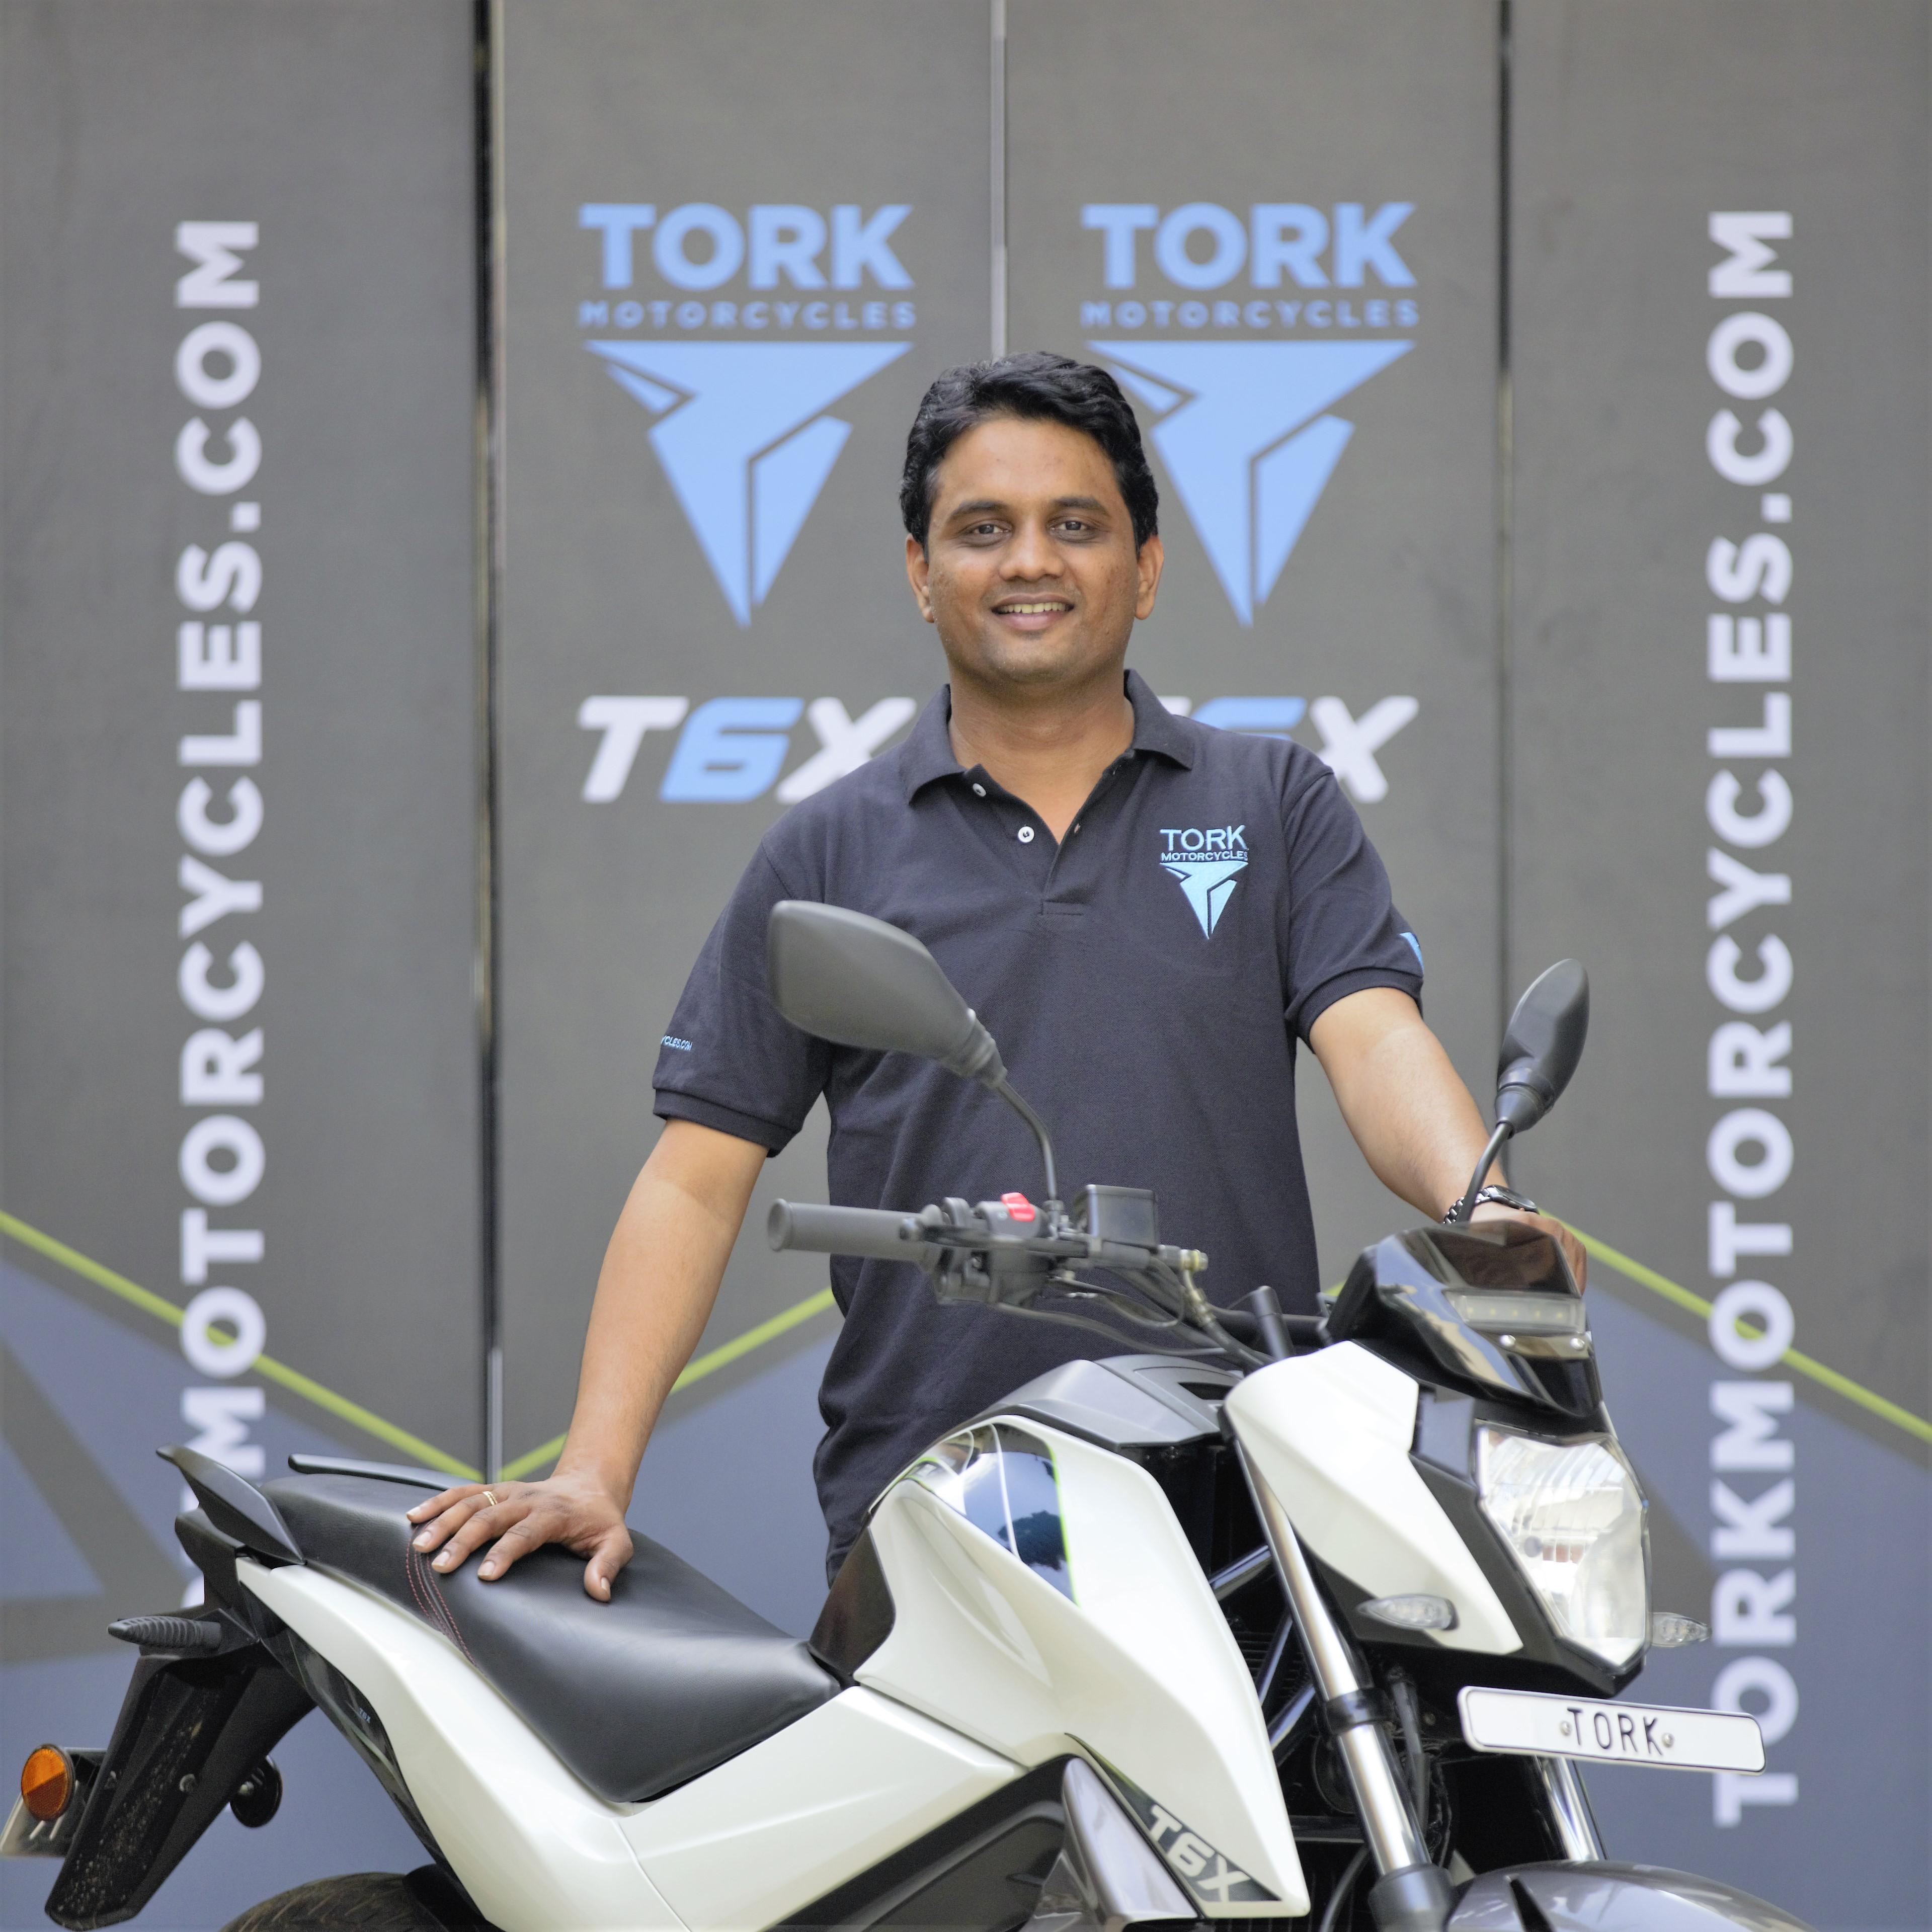 Tork Motors CEO Kapil Shelke